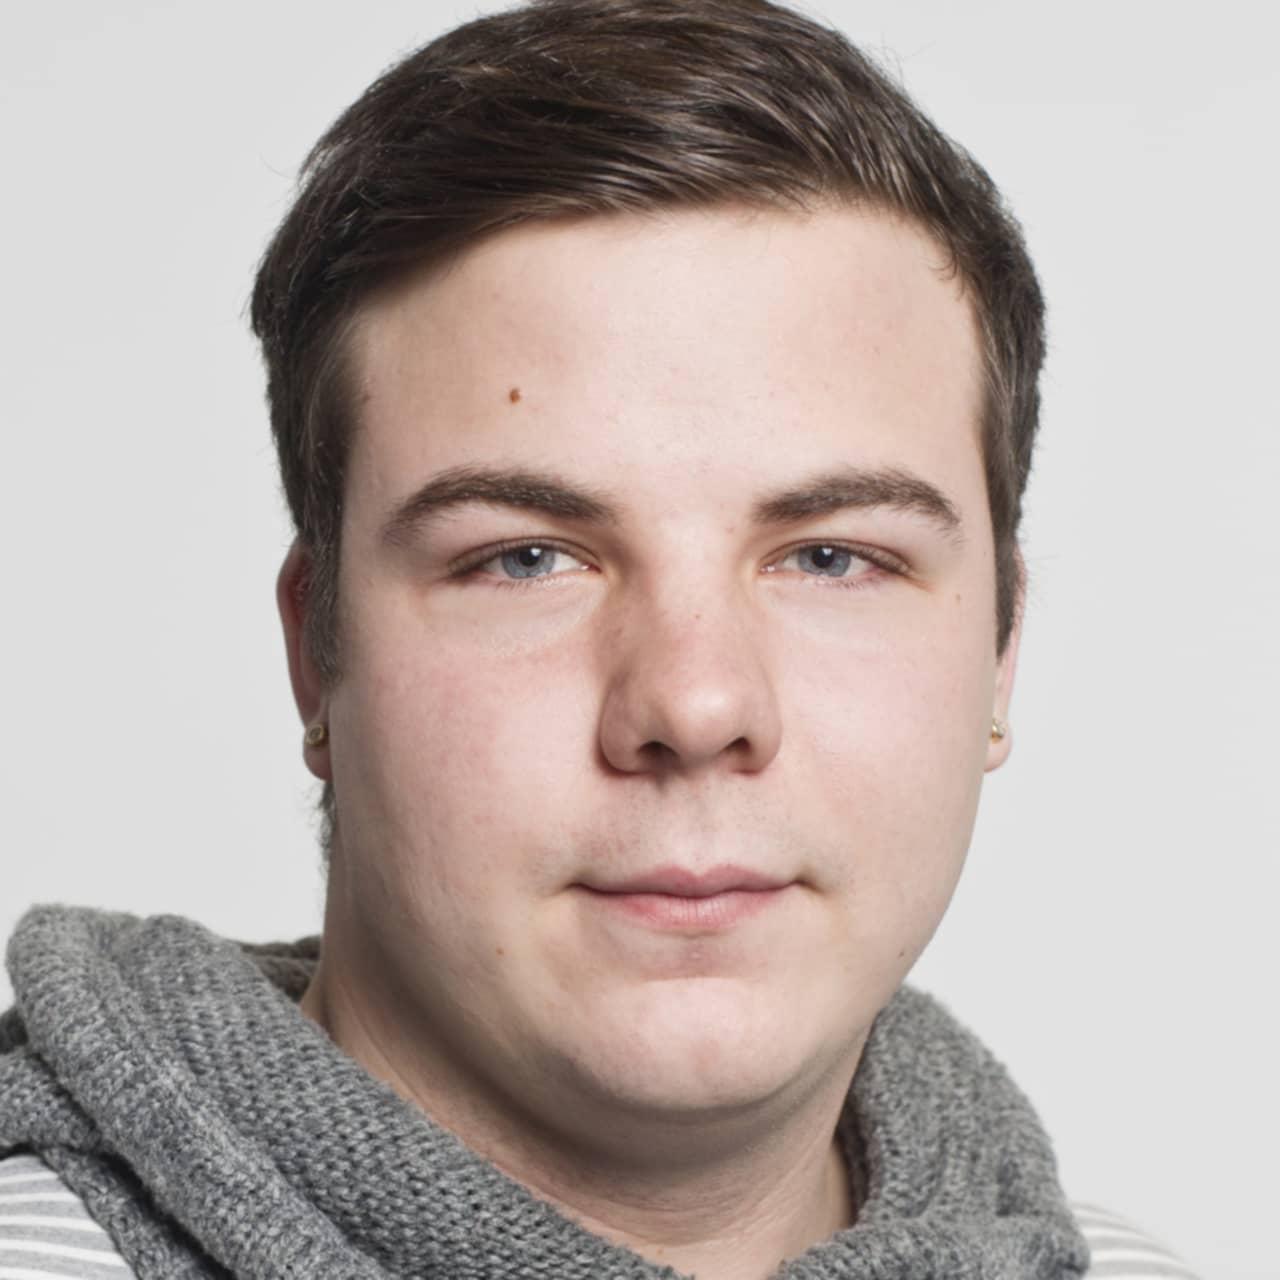 Emil Svensson